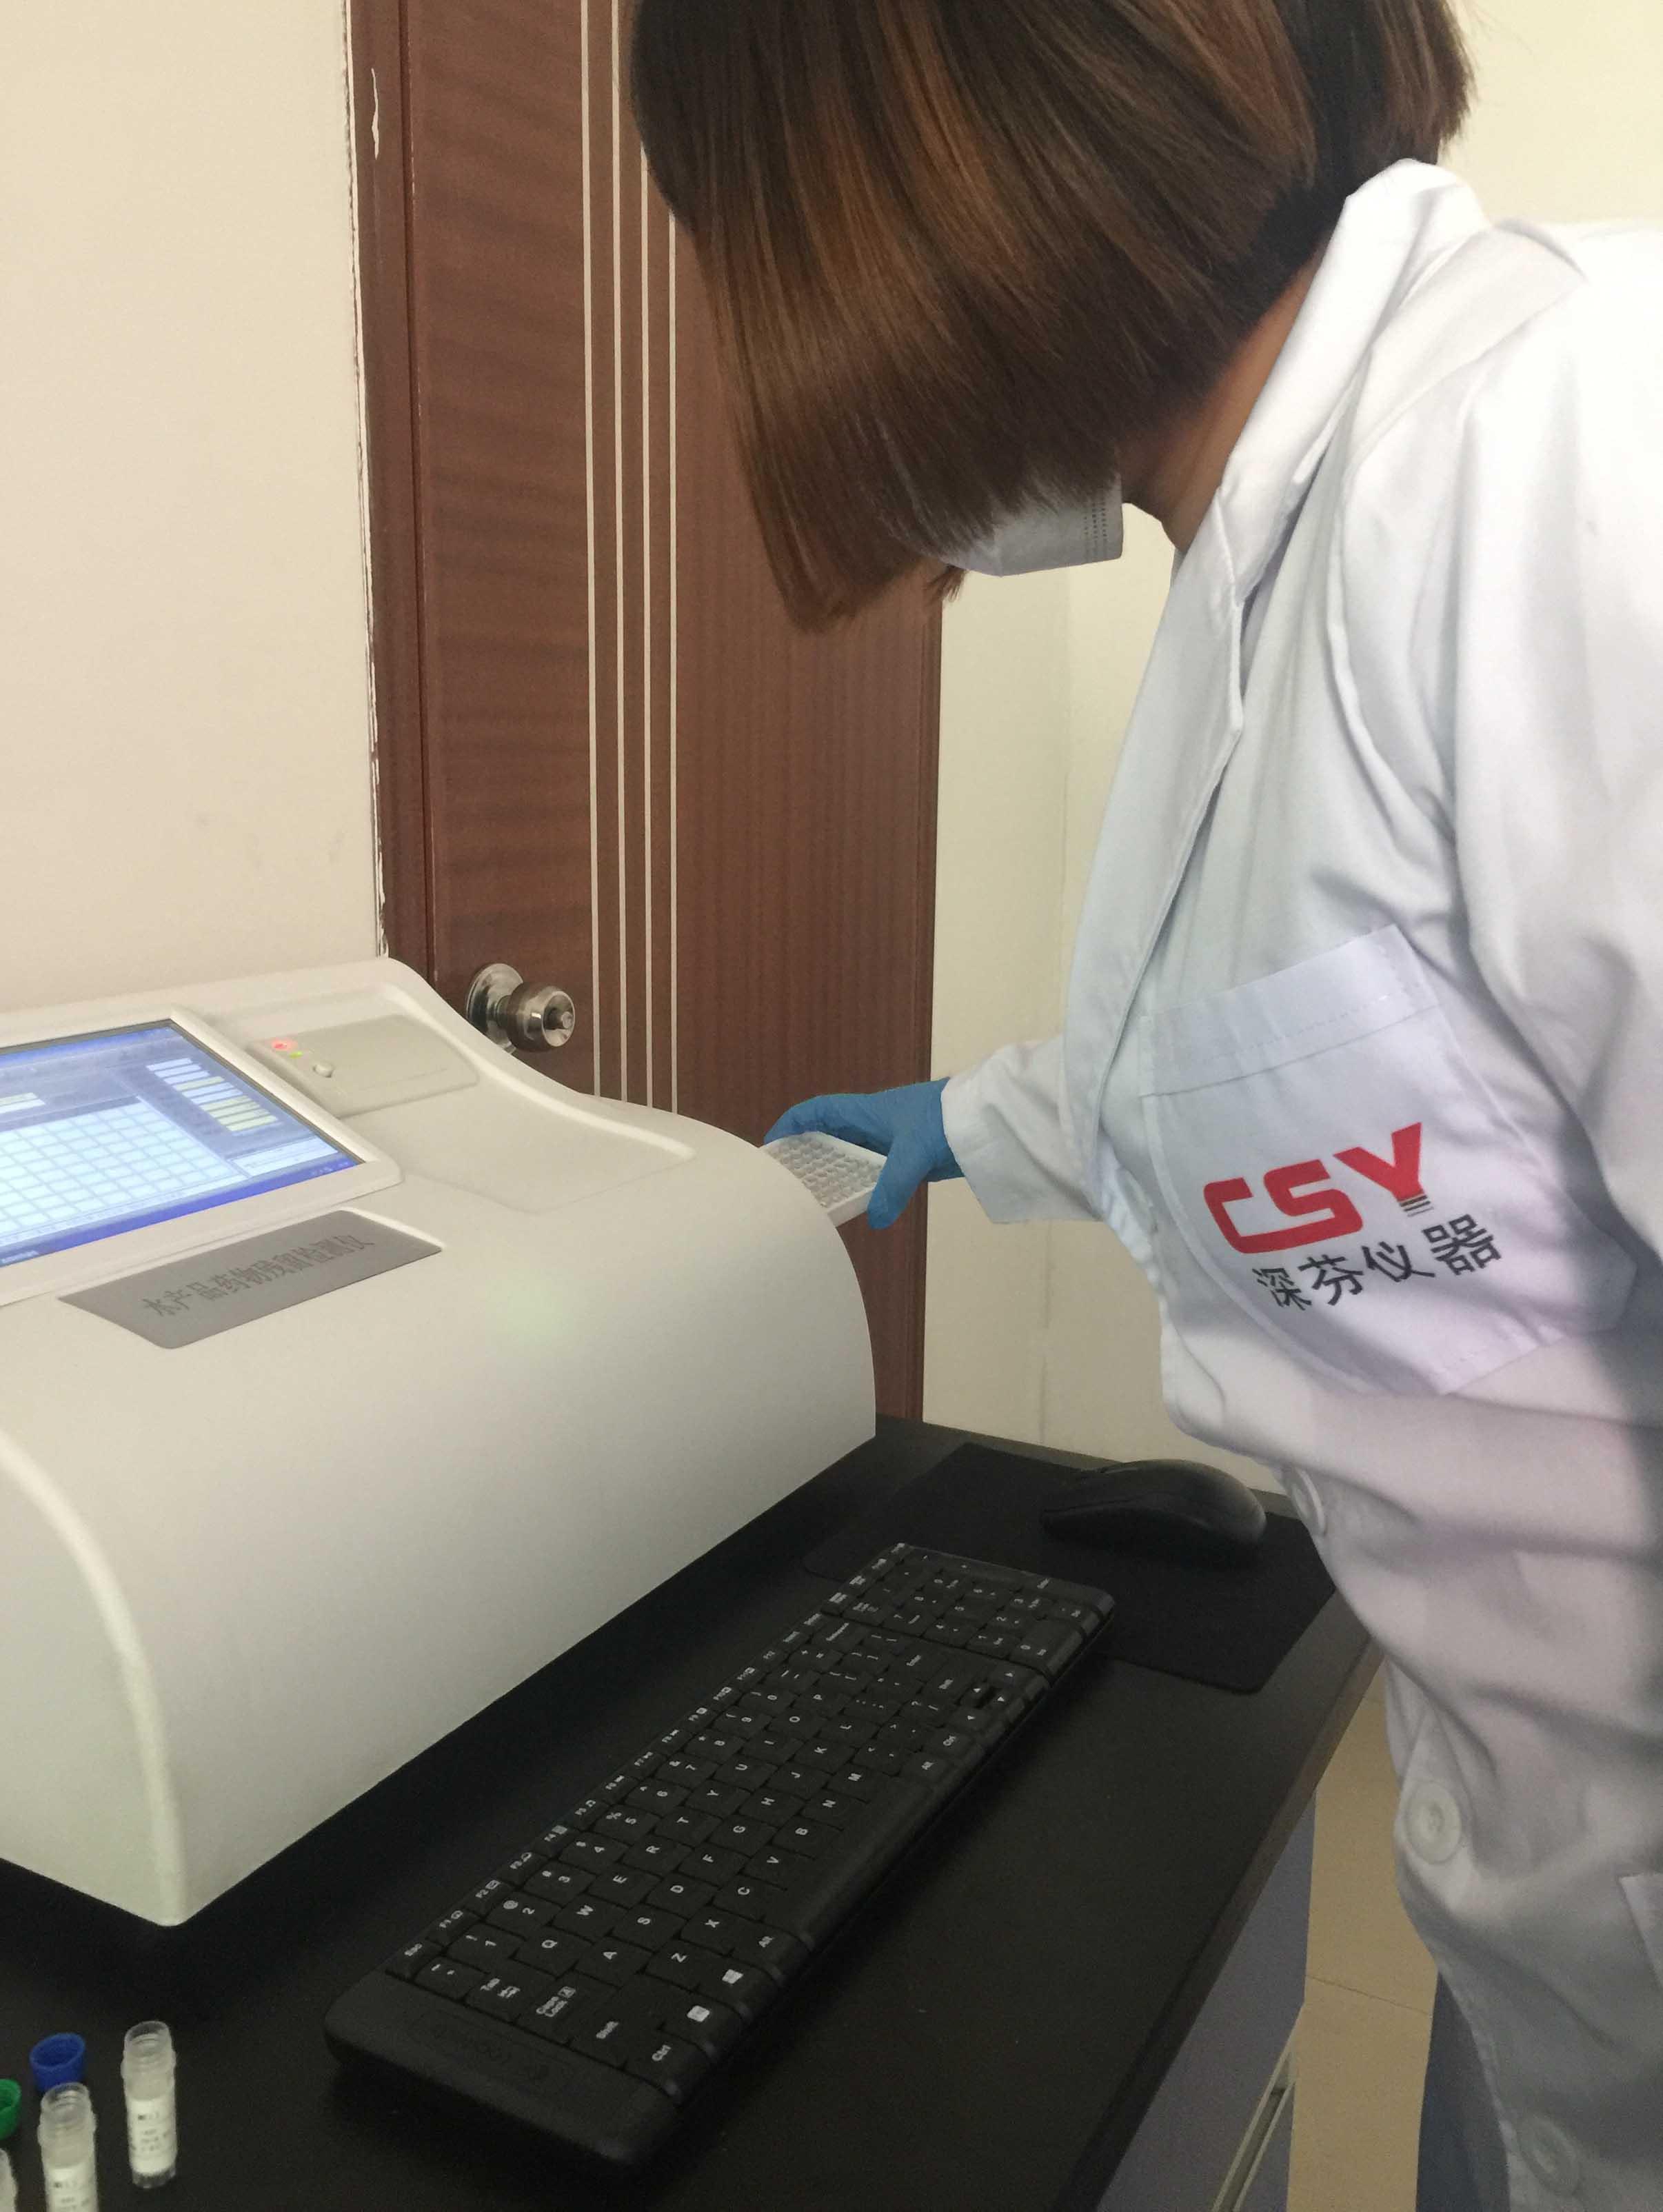 硝基呋喃类药物残留检测仪